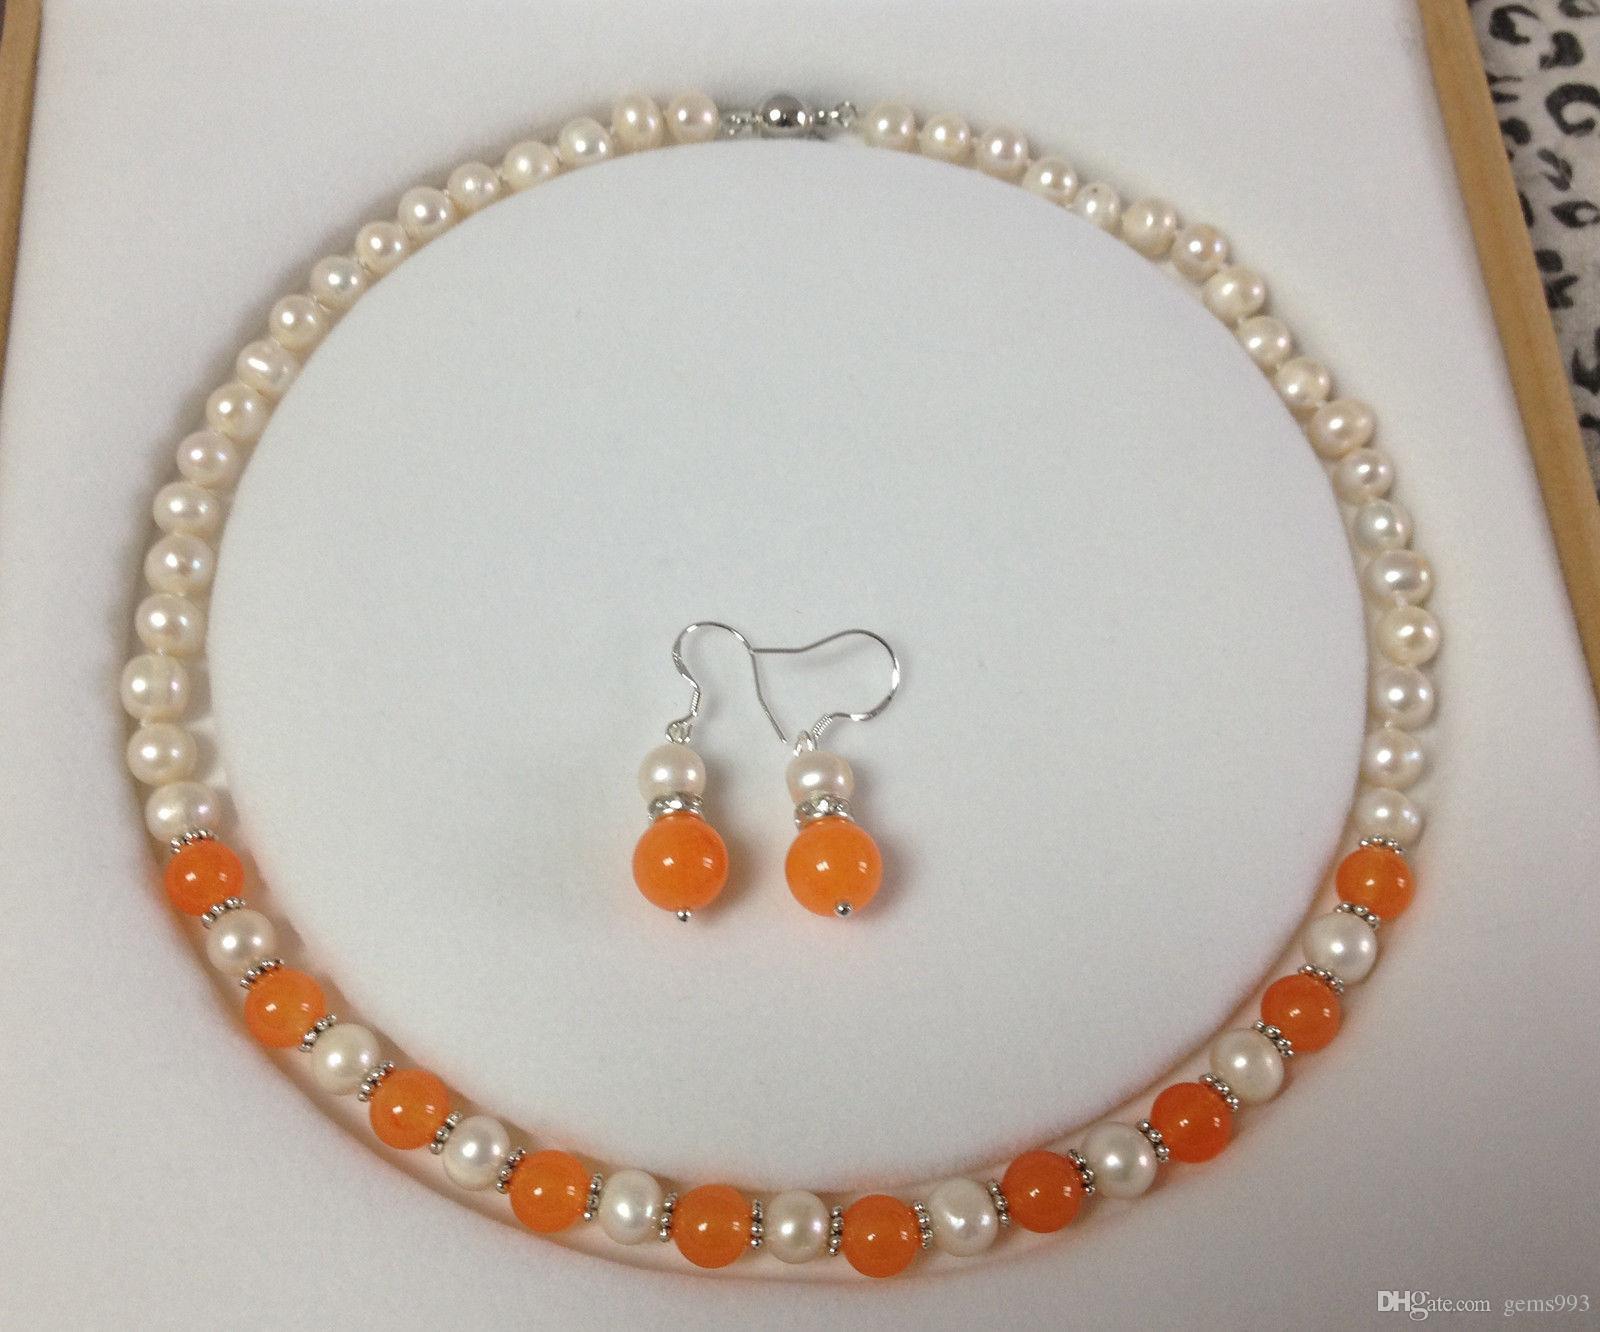 ee540a9c78ad Compre ENVÍO GRATIS Nueva Joya Noble De La Joyería Fina ¡Maravilloso! Juego  De Collar De Jade De Perlas Blancas